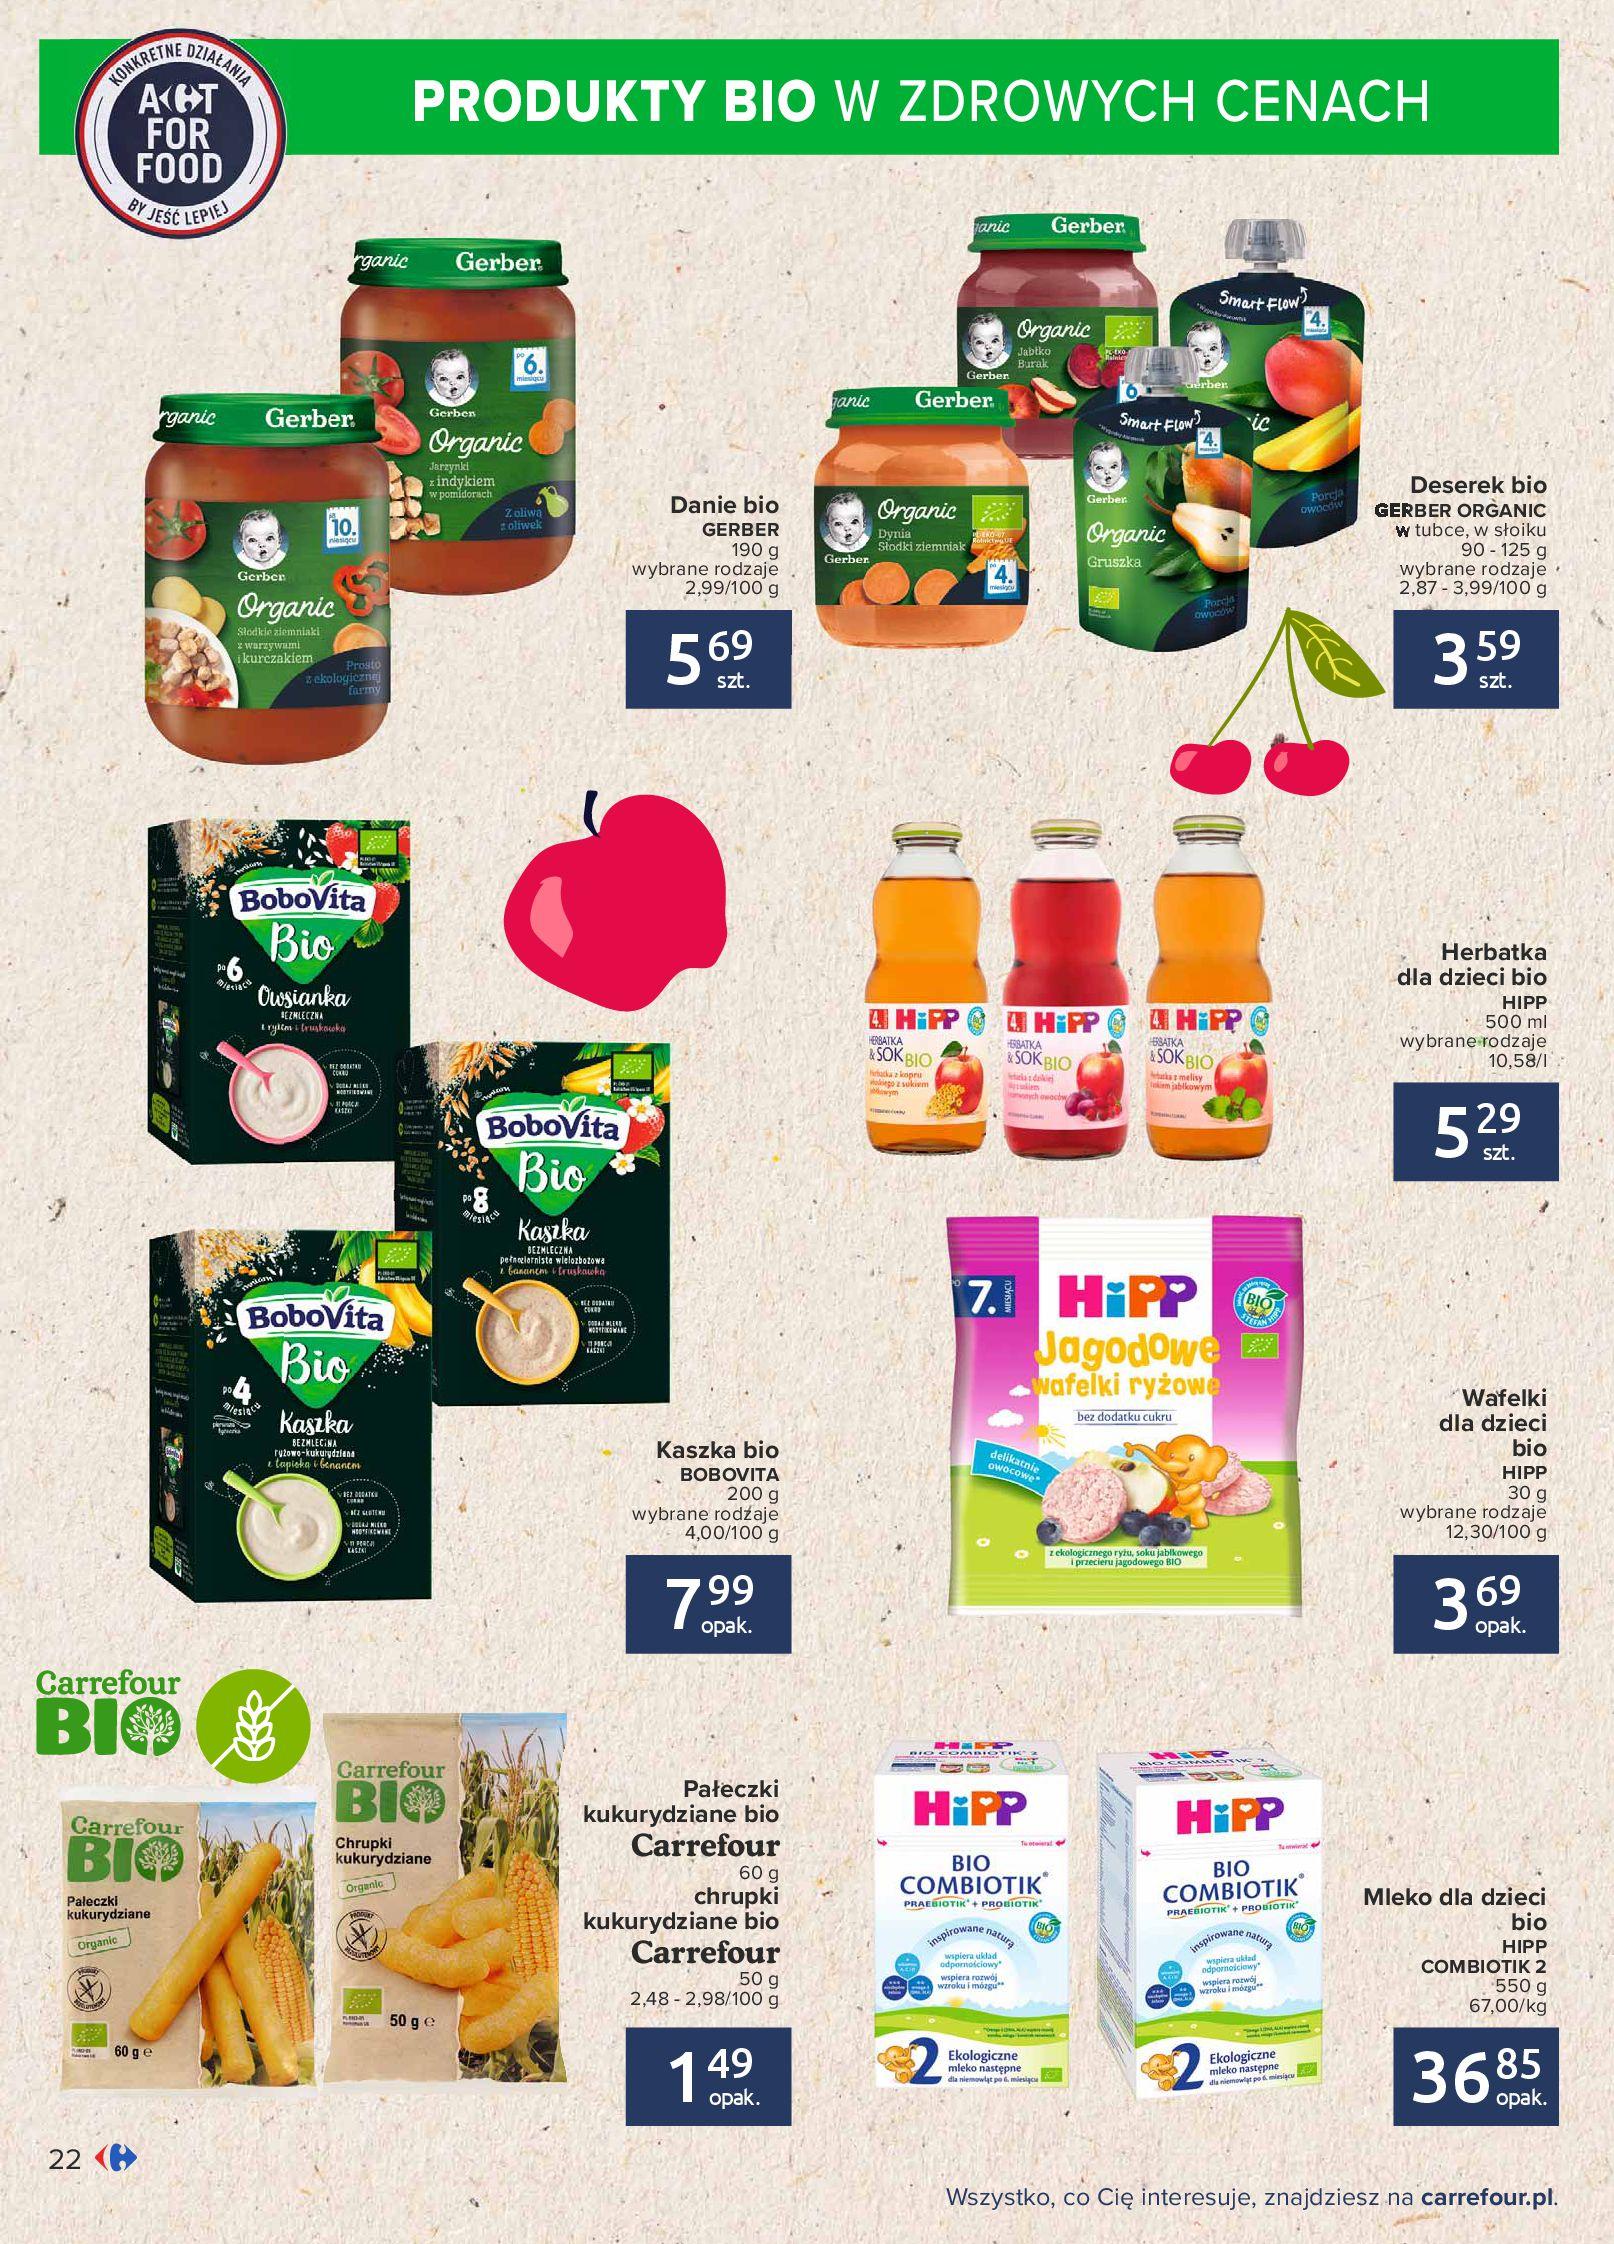 Gazetka Carrefour: Gazetka Carrefour - Możemy mądrze jeść! 2021-09-14 page-22